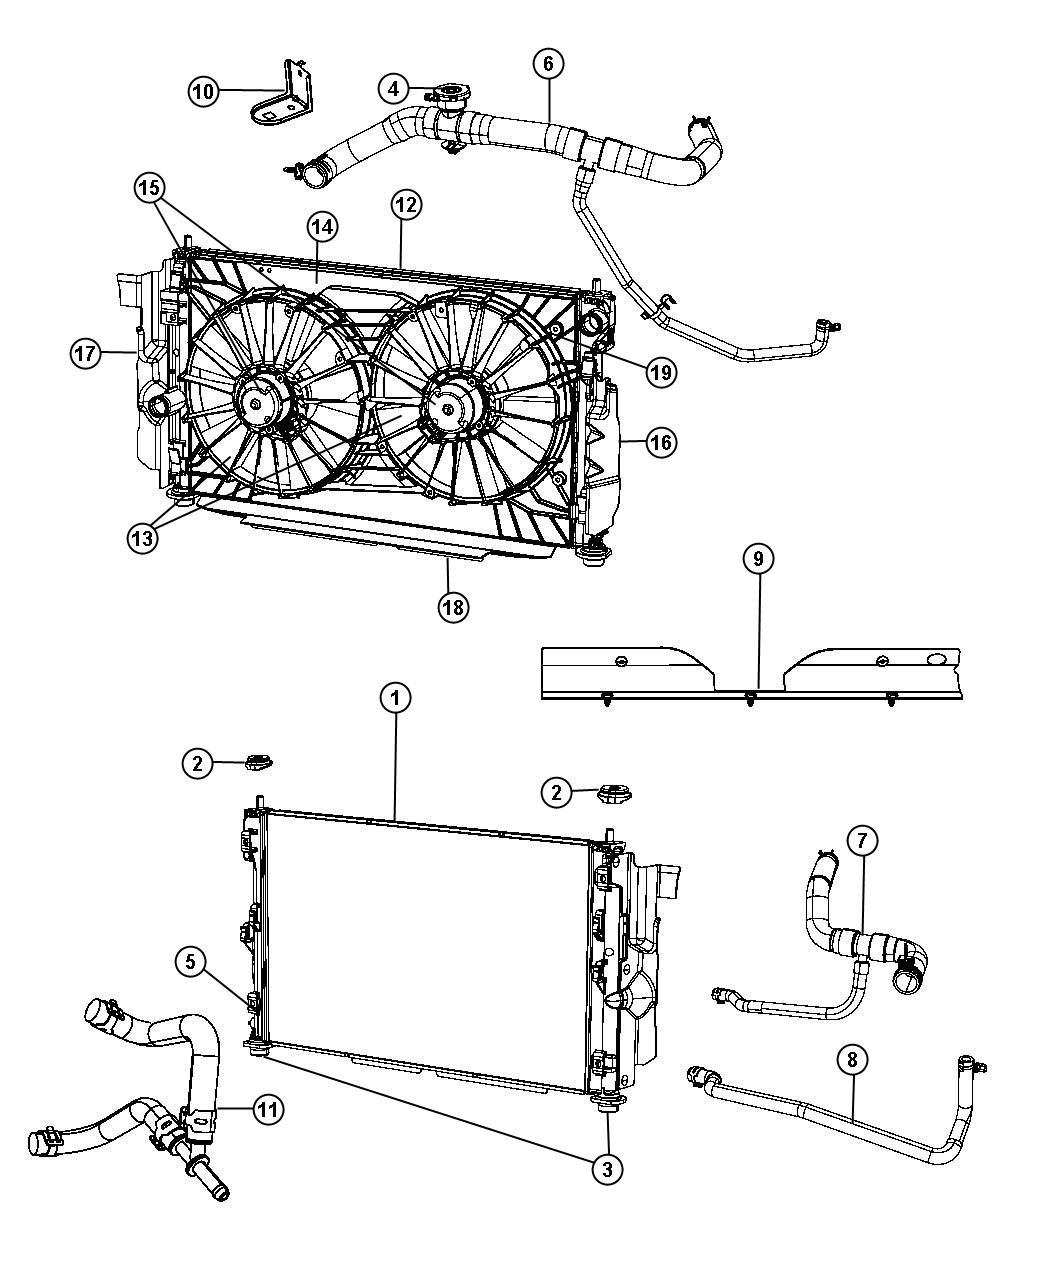 Wiring Diagram 32 Chrysler Parts Diagram